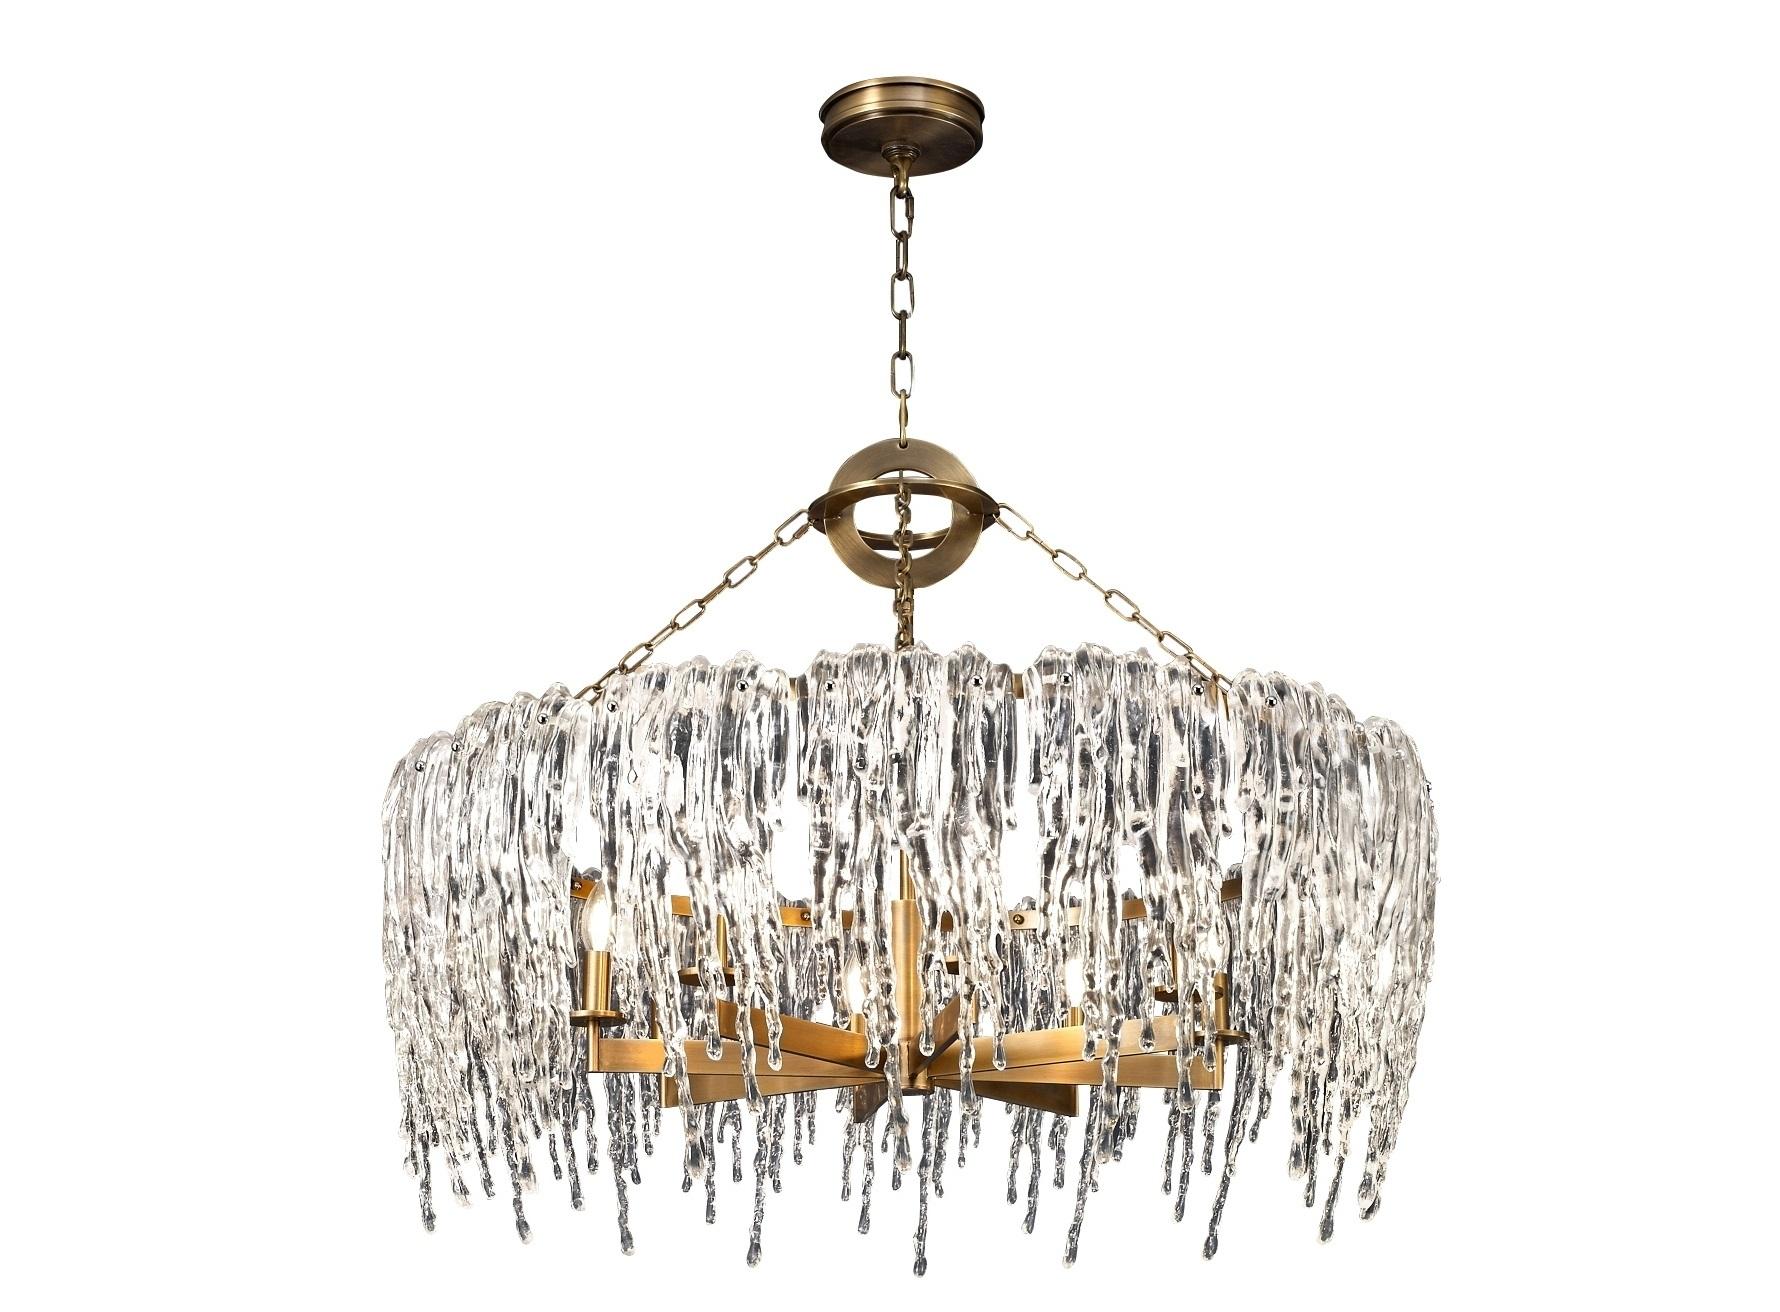 Люстра AvellinoЛюстры подвесные<br>&amp;lt;div&amp;gt;Экстравагантная люстра золотого цвета из латуни с прозрачным абажуром из полиуретана. Хорошо подойдет для современного интерьера, оформленного в винтажном, эко, ар-деко, фьюжн, минимализм и лофт стилях. В любом интерьере она будет ярким и стильным элементом декора.&amp;lt;/div&amp;gt;&amp;lt;div&amp;gt;&amp;lt;br&amp;gt;&amp;lt;/div&amp;gt;&amp;lt;div&amp;gt;Вид цоколя: E14&amp;lt;/div&amp;gt;&amp;lt;div&amp;gt;Мощность: 40W&amp;lt;/div&amp;gt;&amp;lt;div&amp;gt;Количество ламп: 8 (нет в комплекте)&amp;lt;/div&amp;gt;<br><br>Material: Латунь<br>Высота см: 79